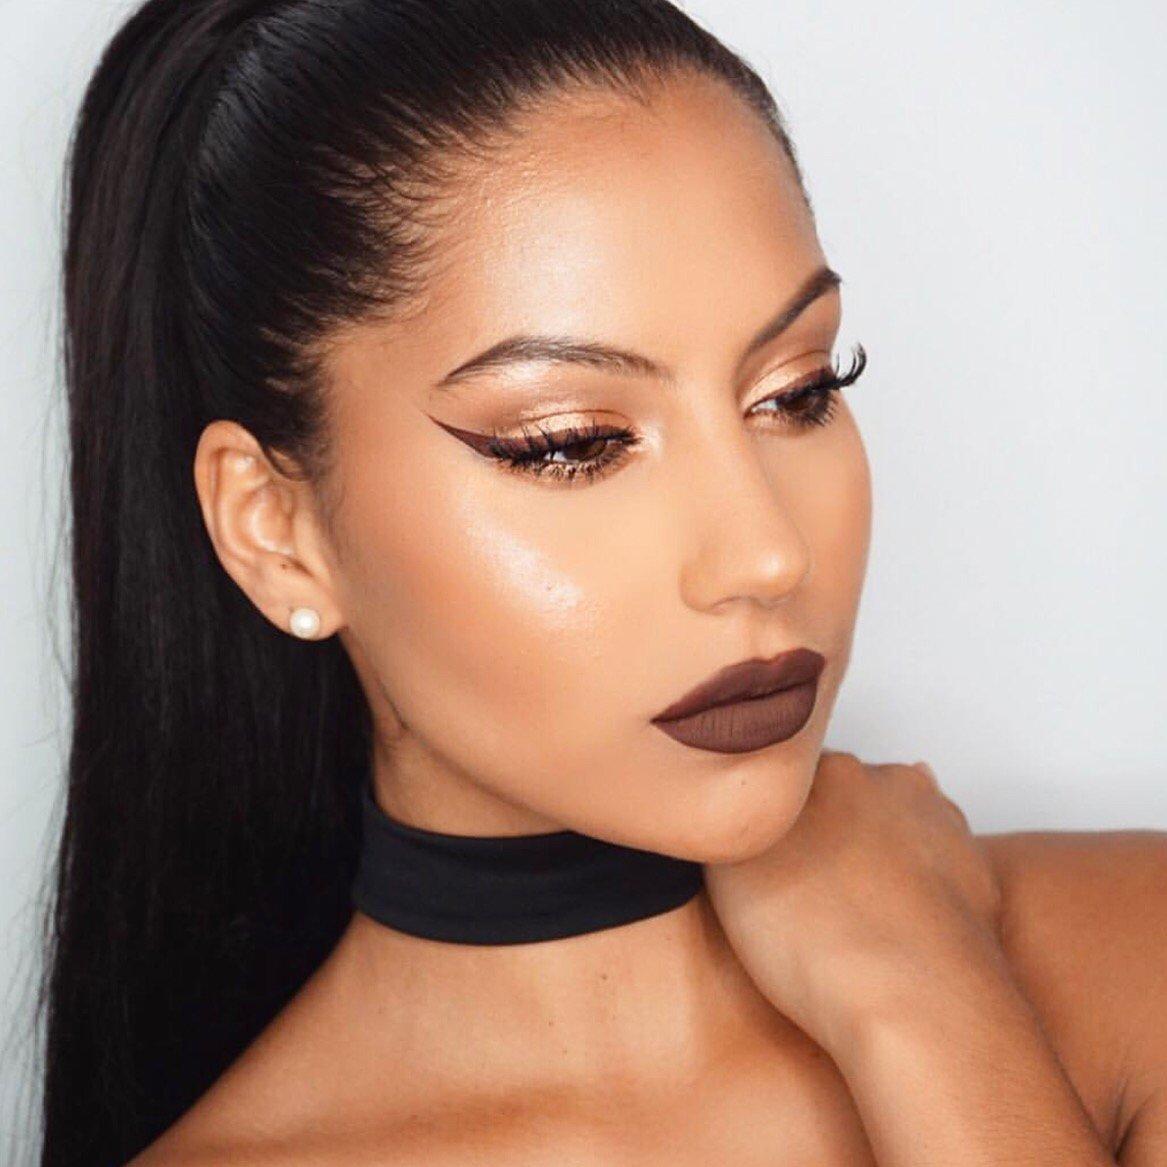 Jcat Beauty On Twitter Slay Girl So Flawless Amandarrwalker Is Hd Perfection Skinsealer Foundation With Jcatbeauty Hdfoundation